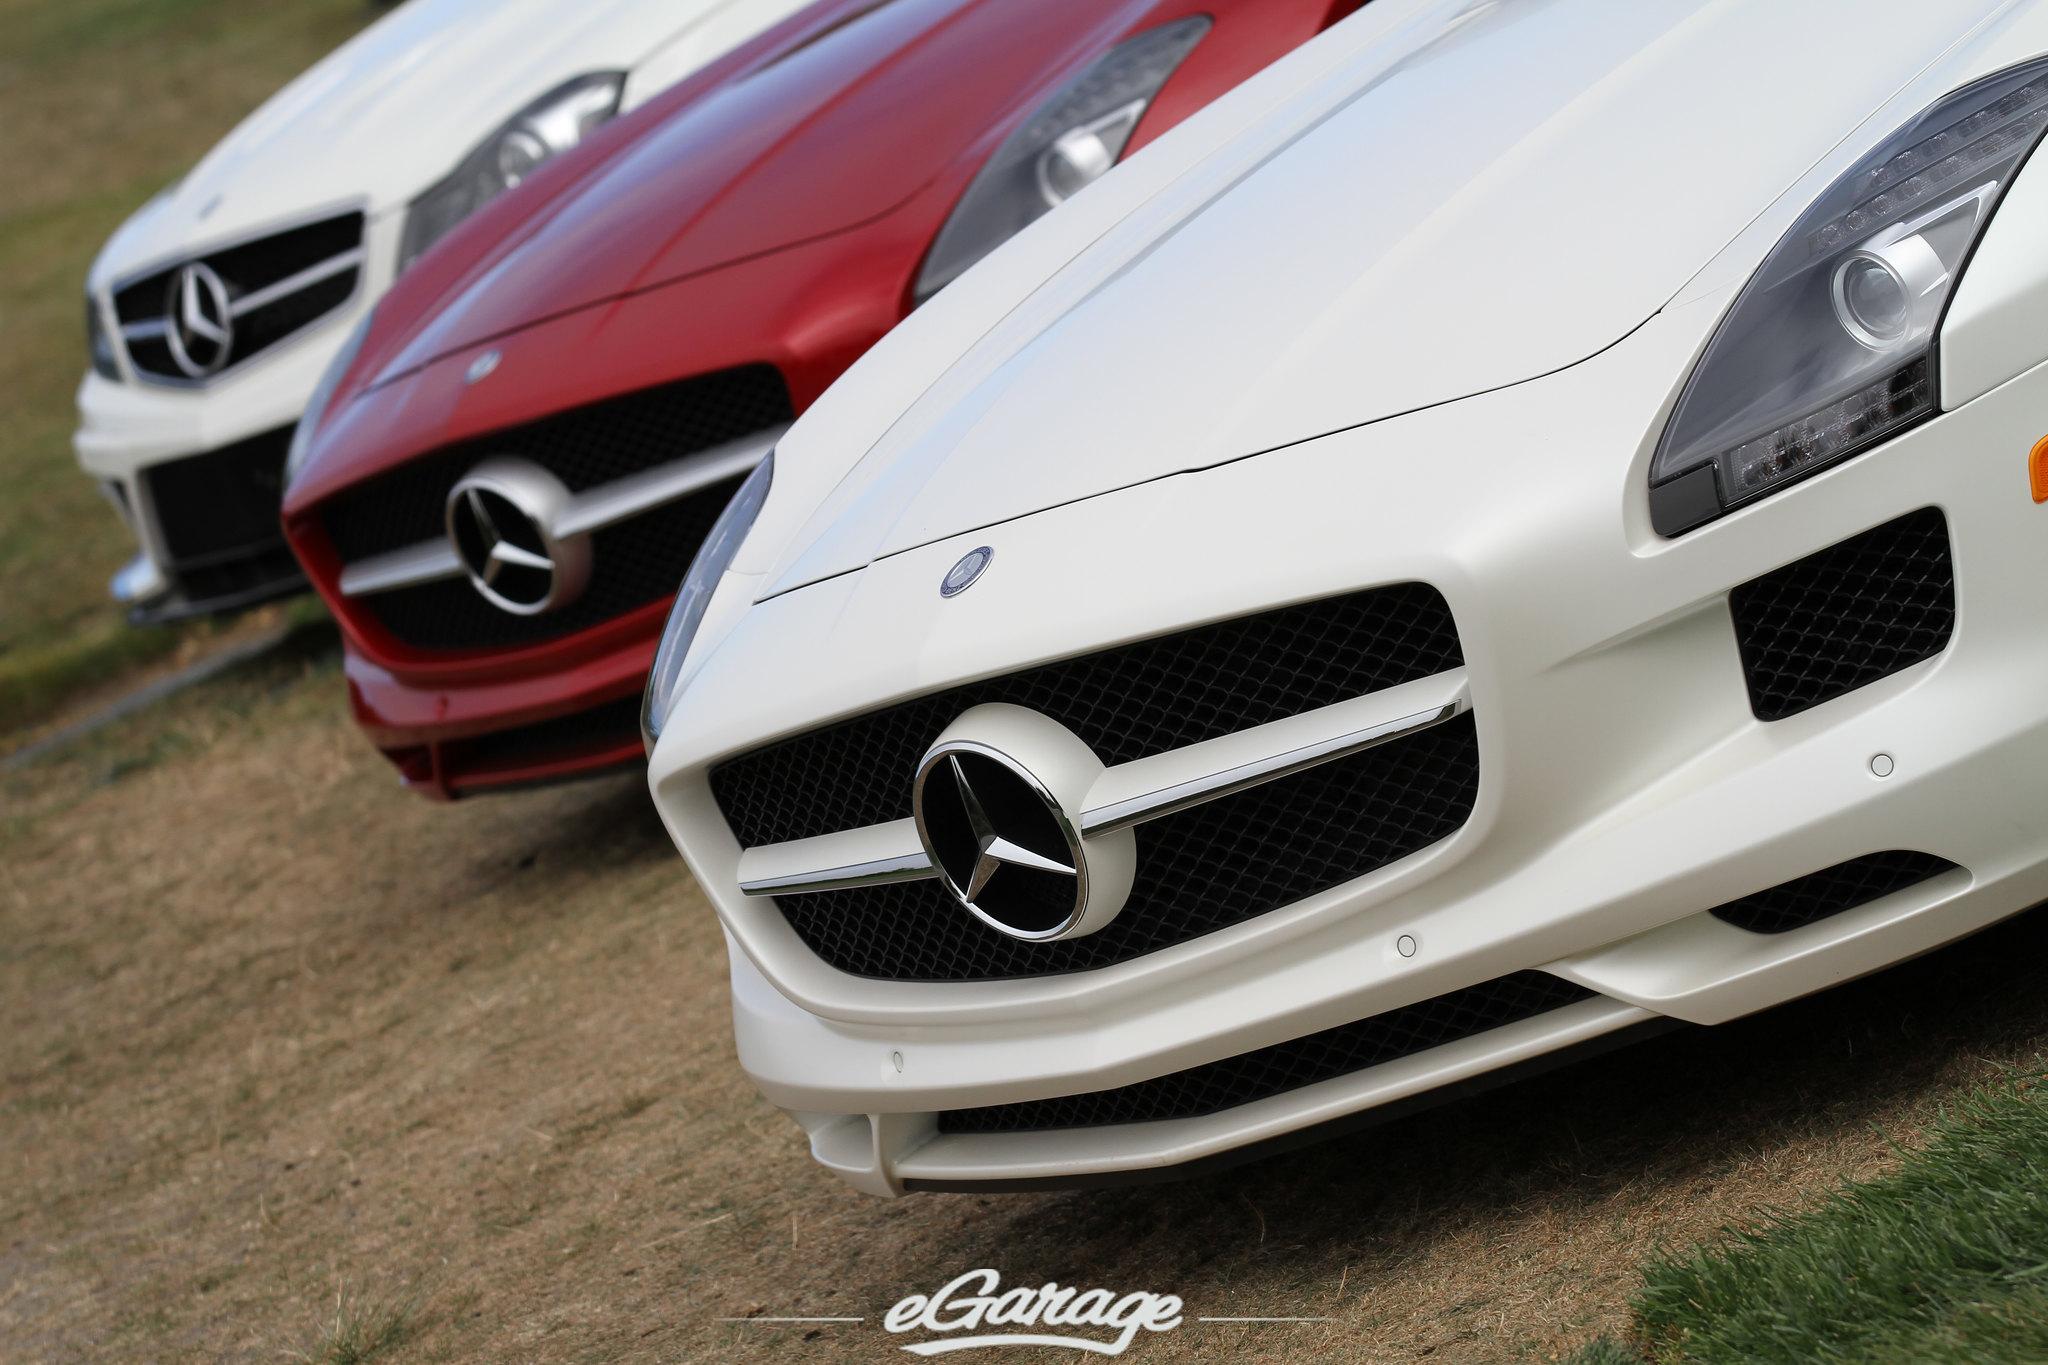 7828683806 9c5c6c655d k Mercedes Benz Classic